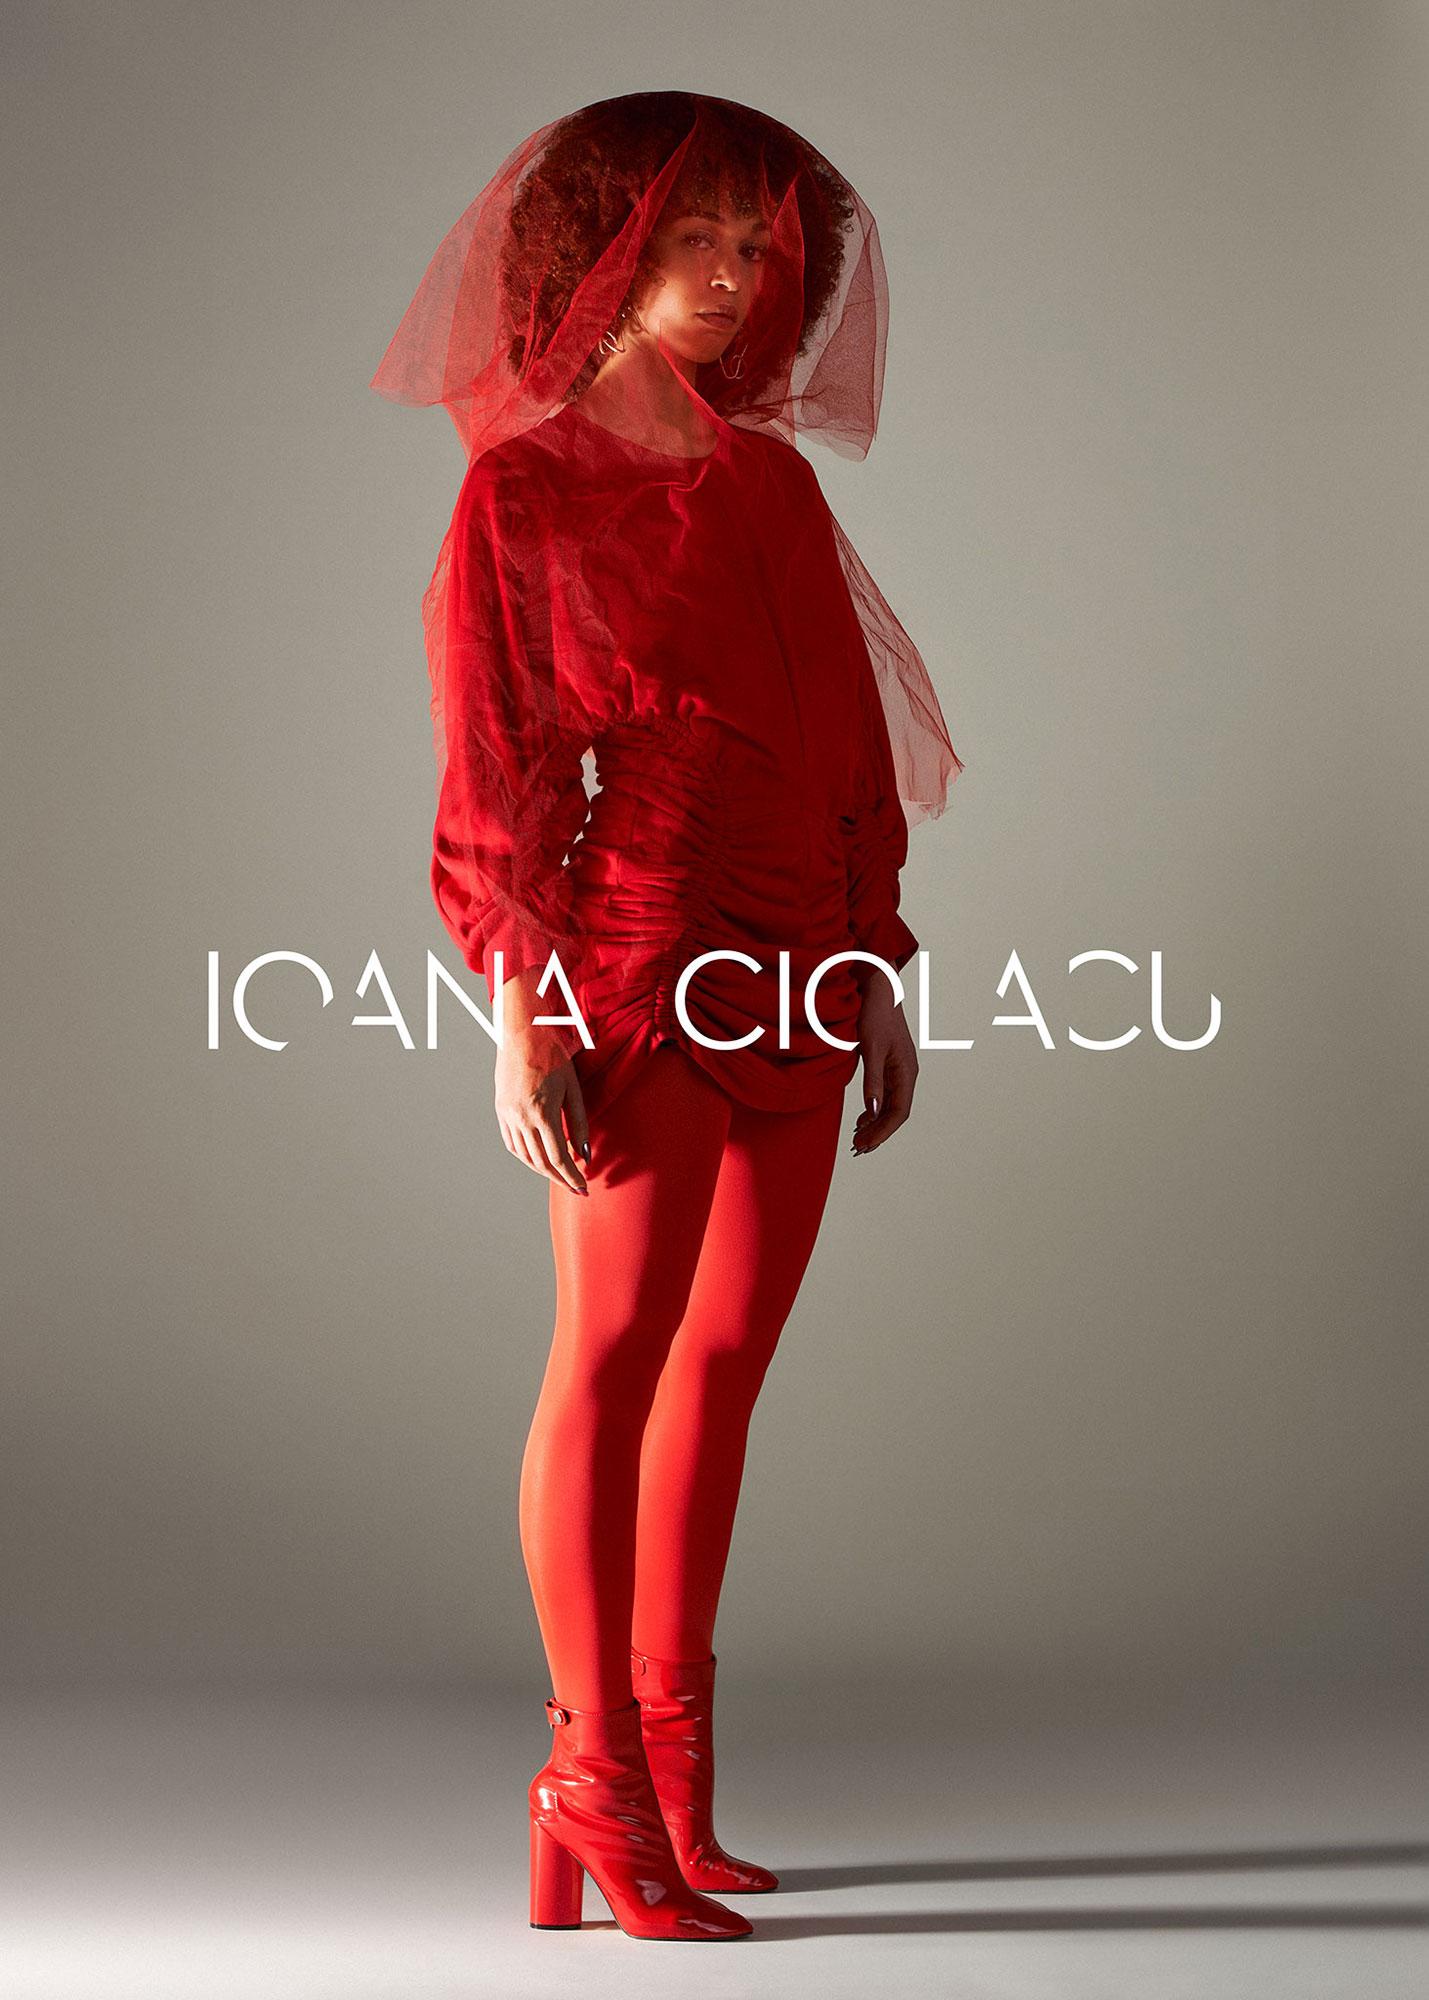 IoanaCiolacu_1